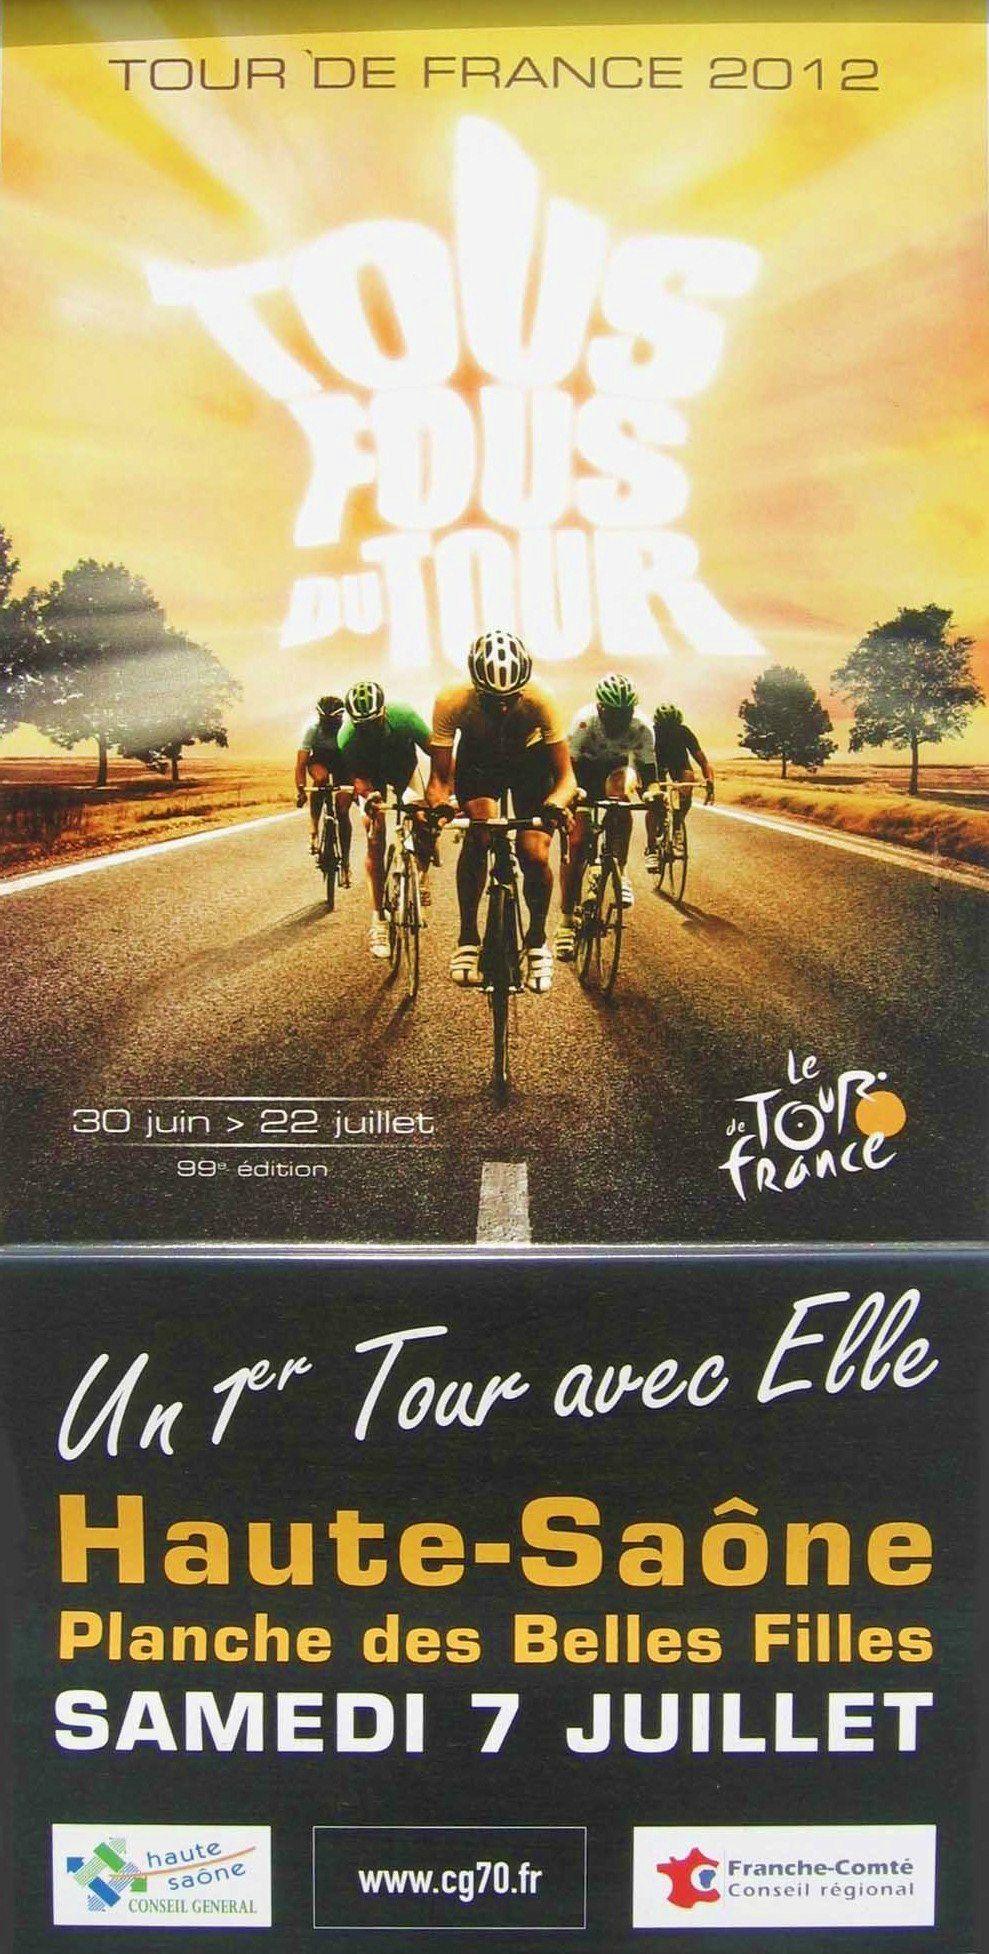 Tour de France 2012 : Arrivée à la Planche des Belles Filles (commune de Plancher-les-Mines)